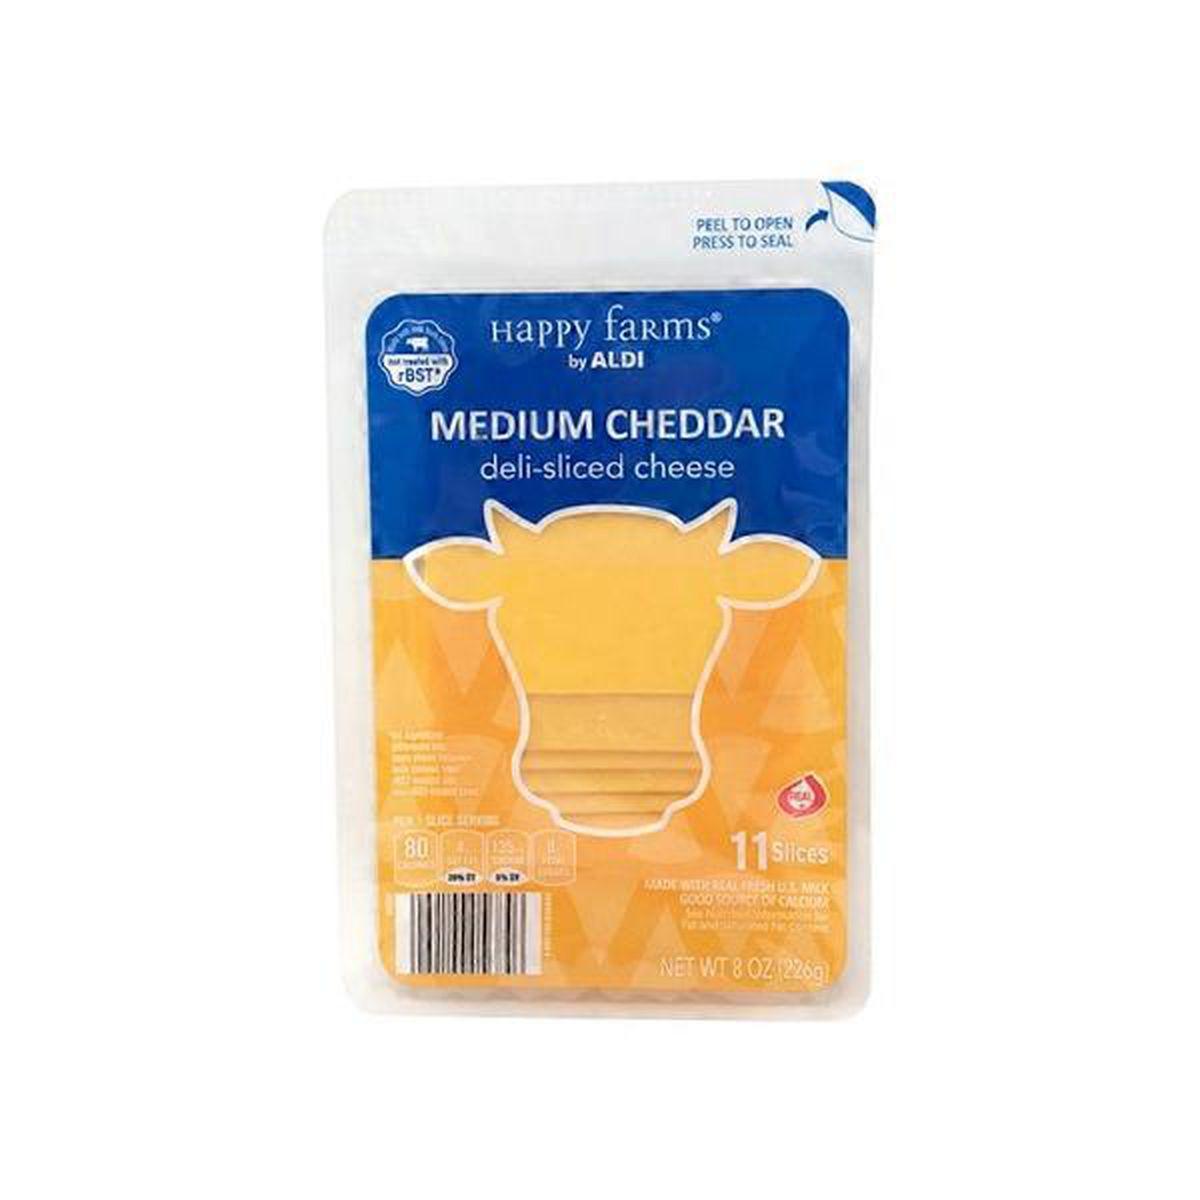 Deli Sliced Medium Cheddar Cheese